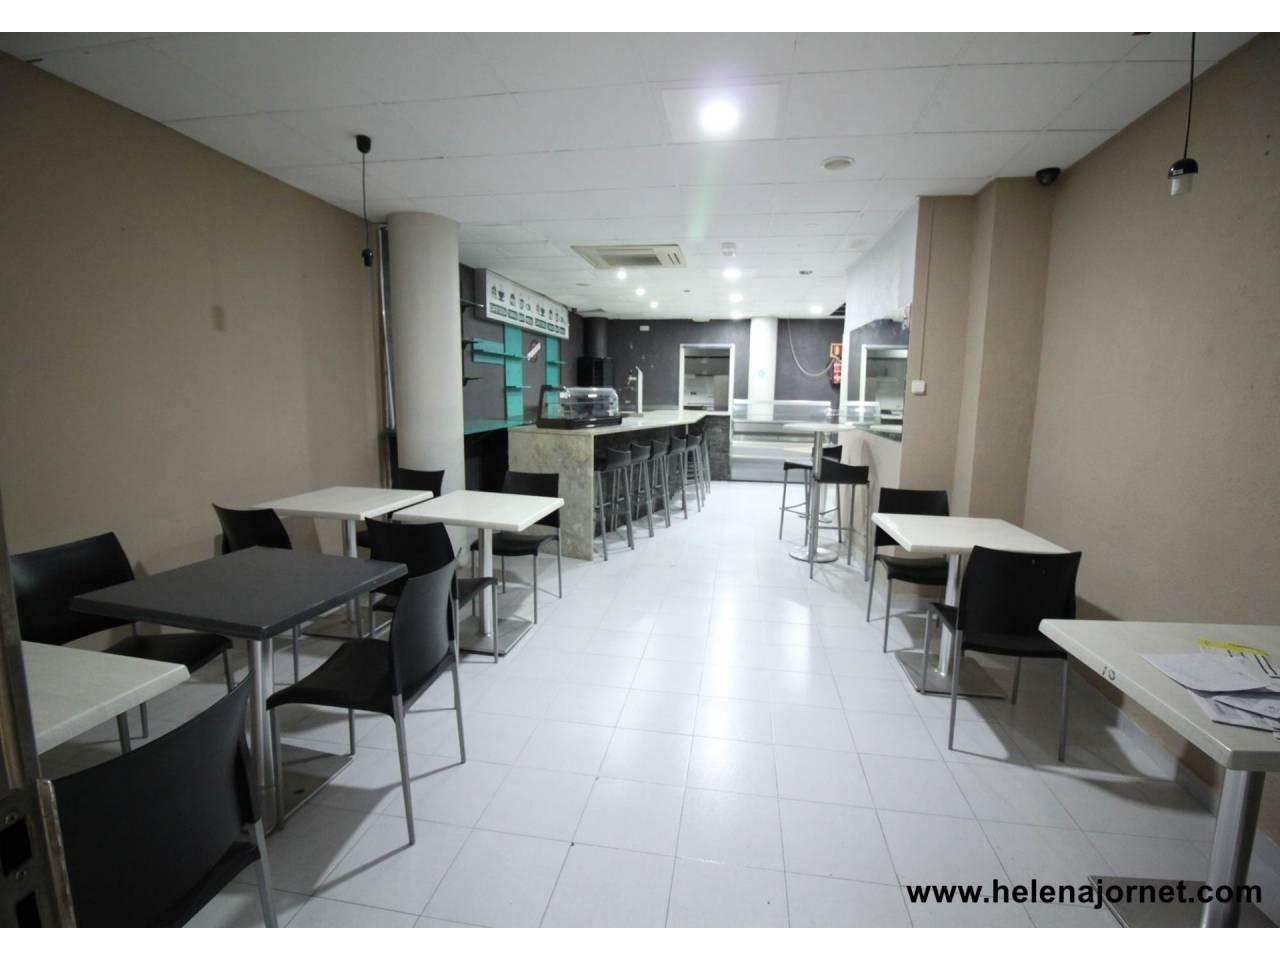 Restaurante con espacio para terraza en una muy buena ubicación - 4157